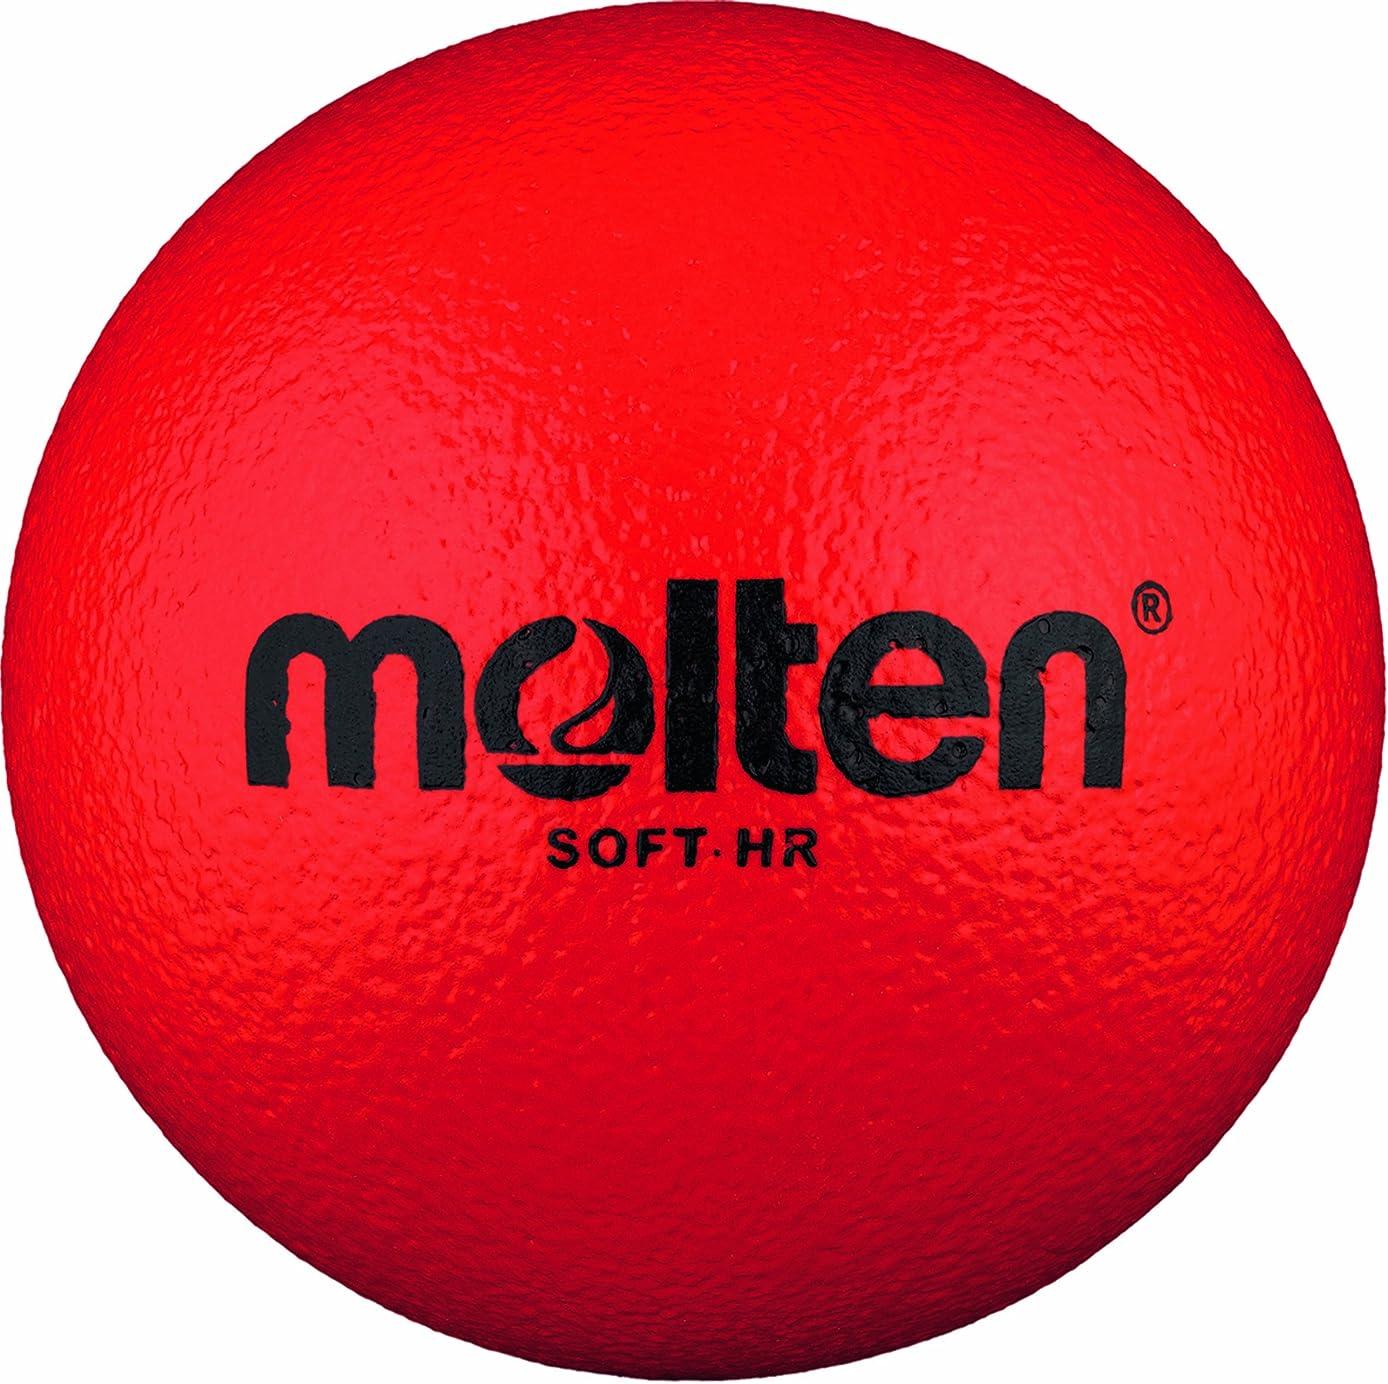 命題短命アマゾンジャングルMolten Softball Handball - 1, Red by Molten